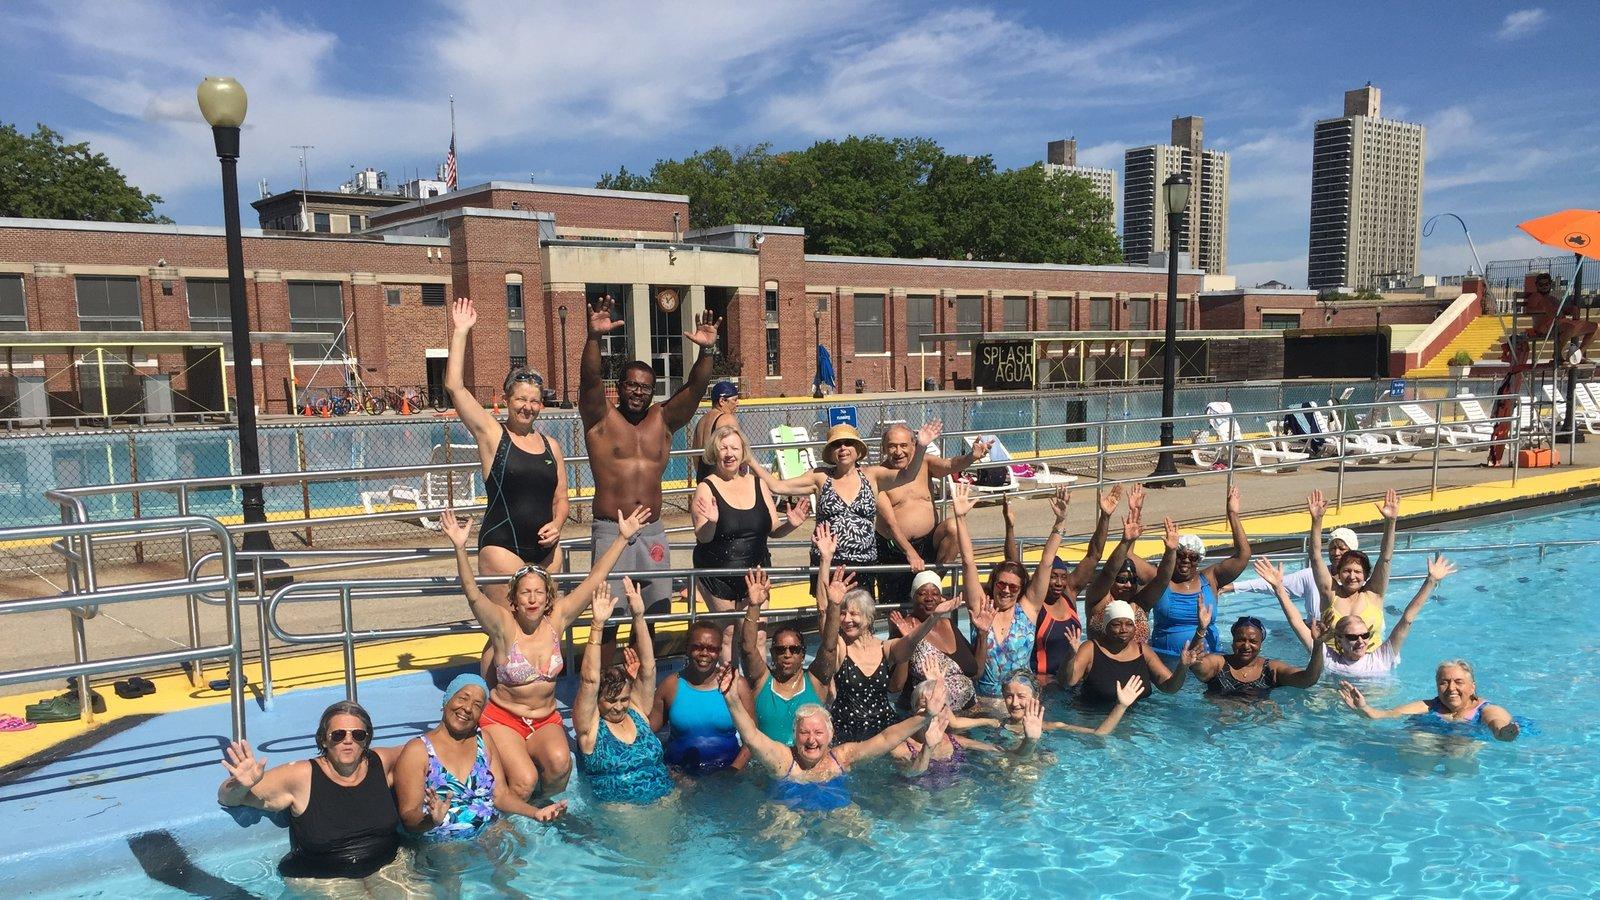 Easton Pool And Spa